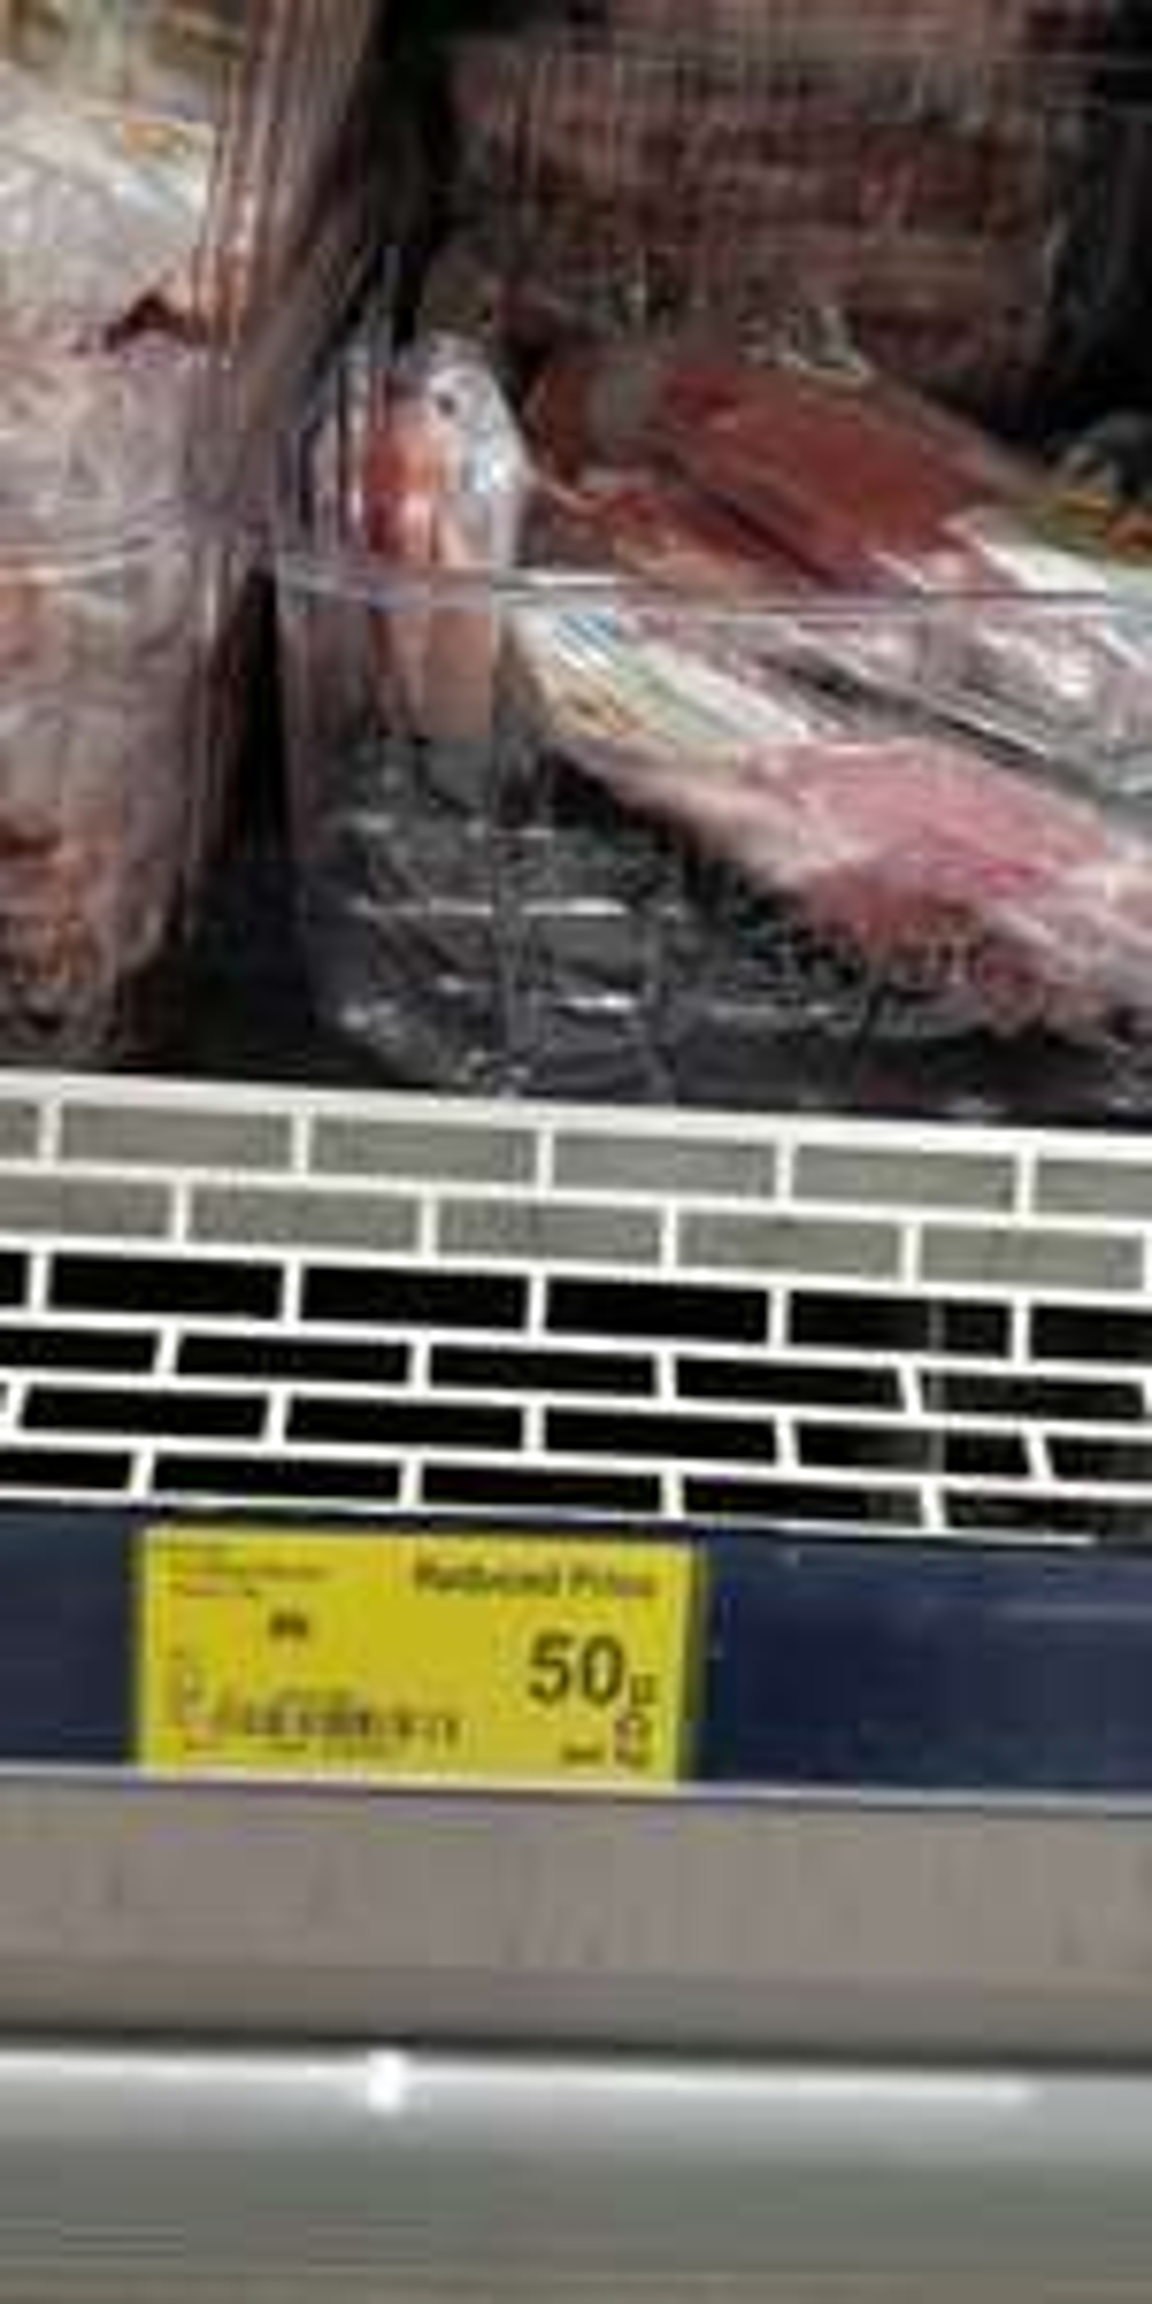 Asda unsmoked back bacon - 50p instore @ Asda (York)